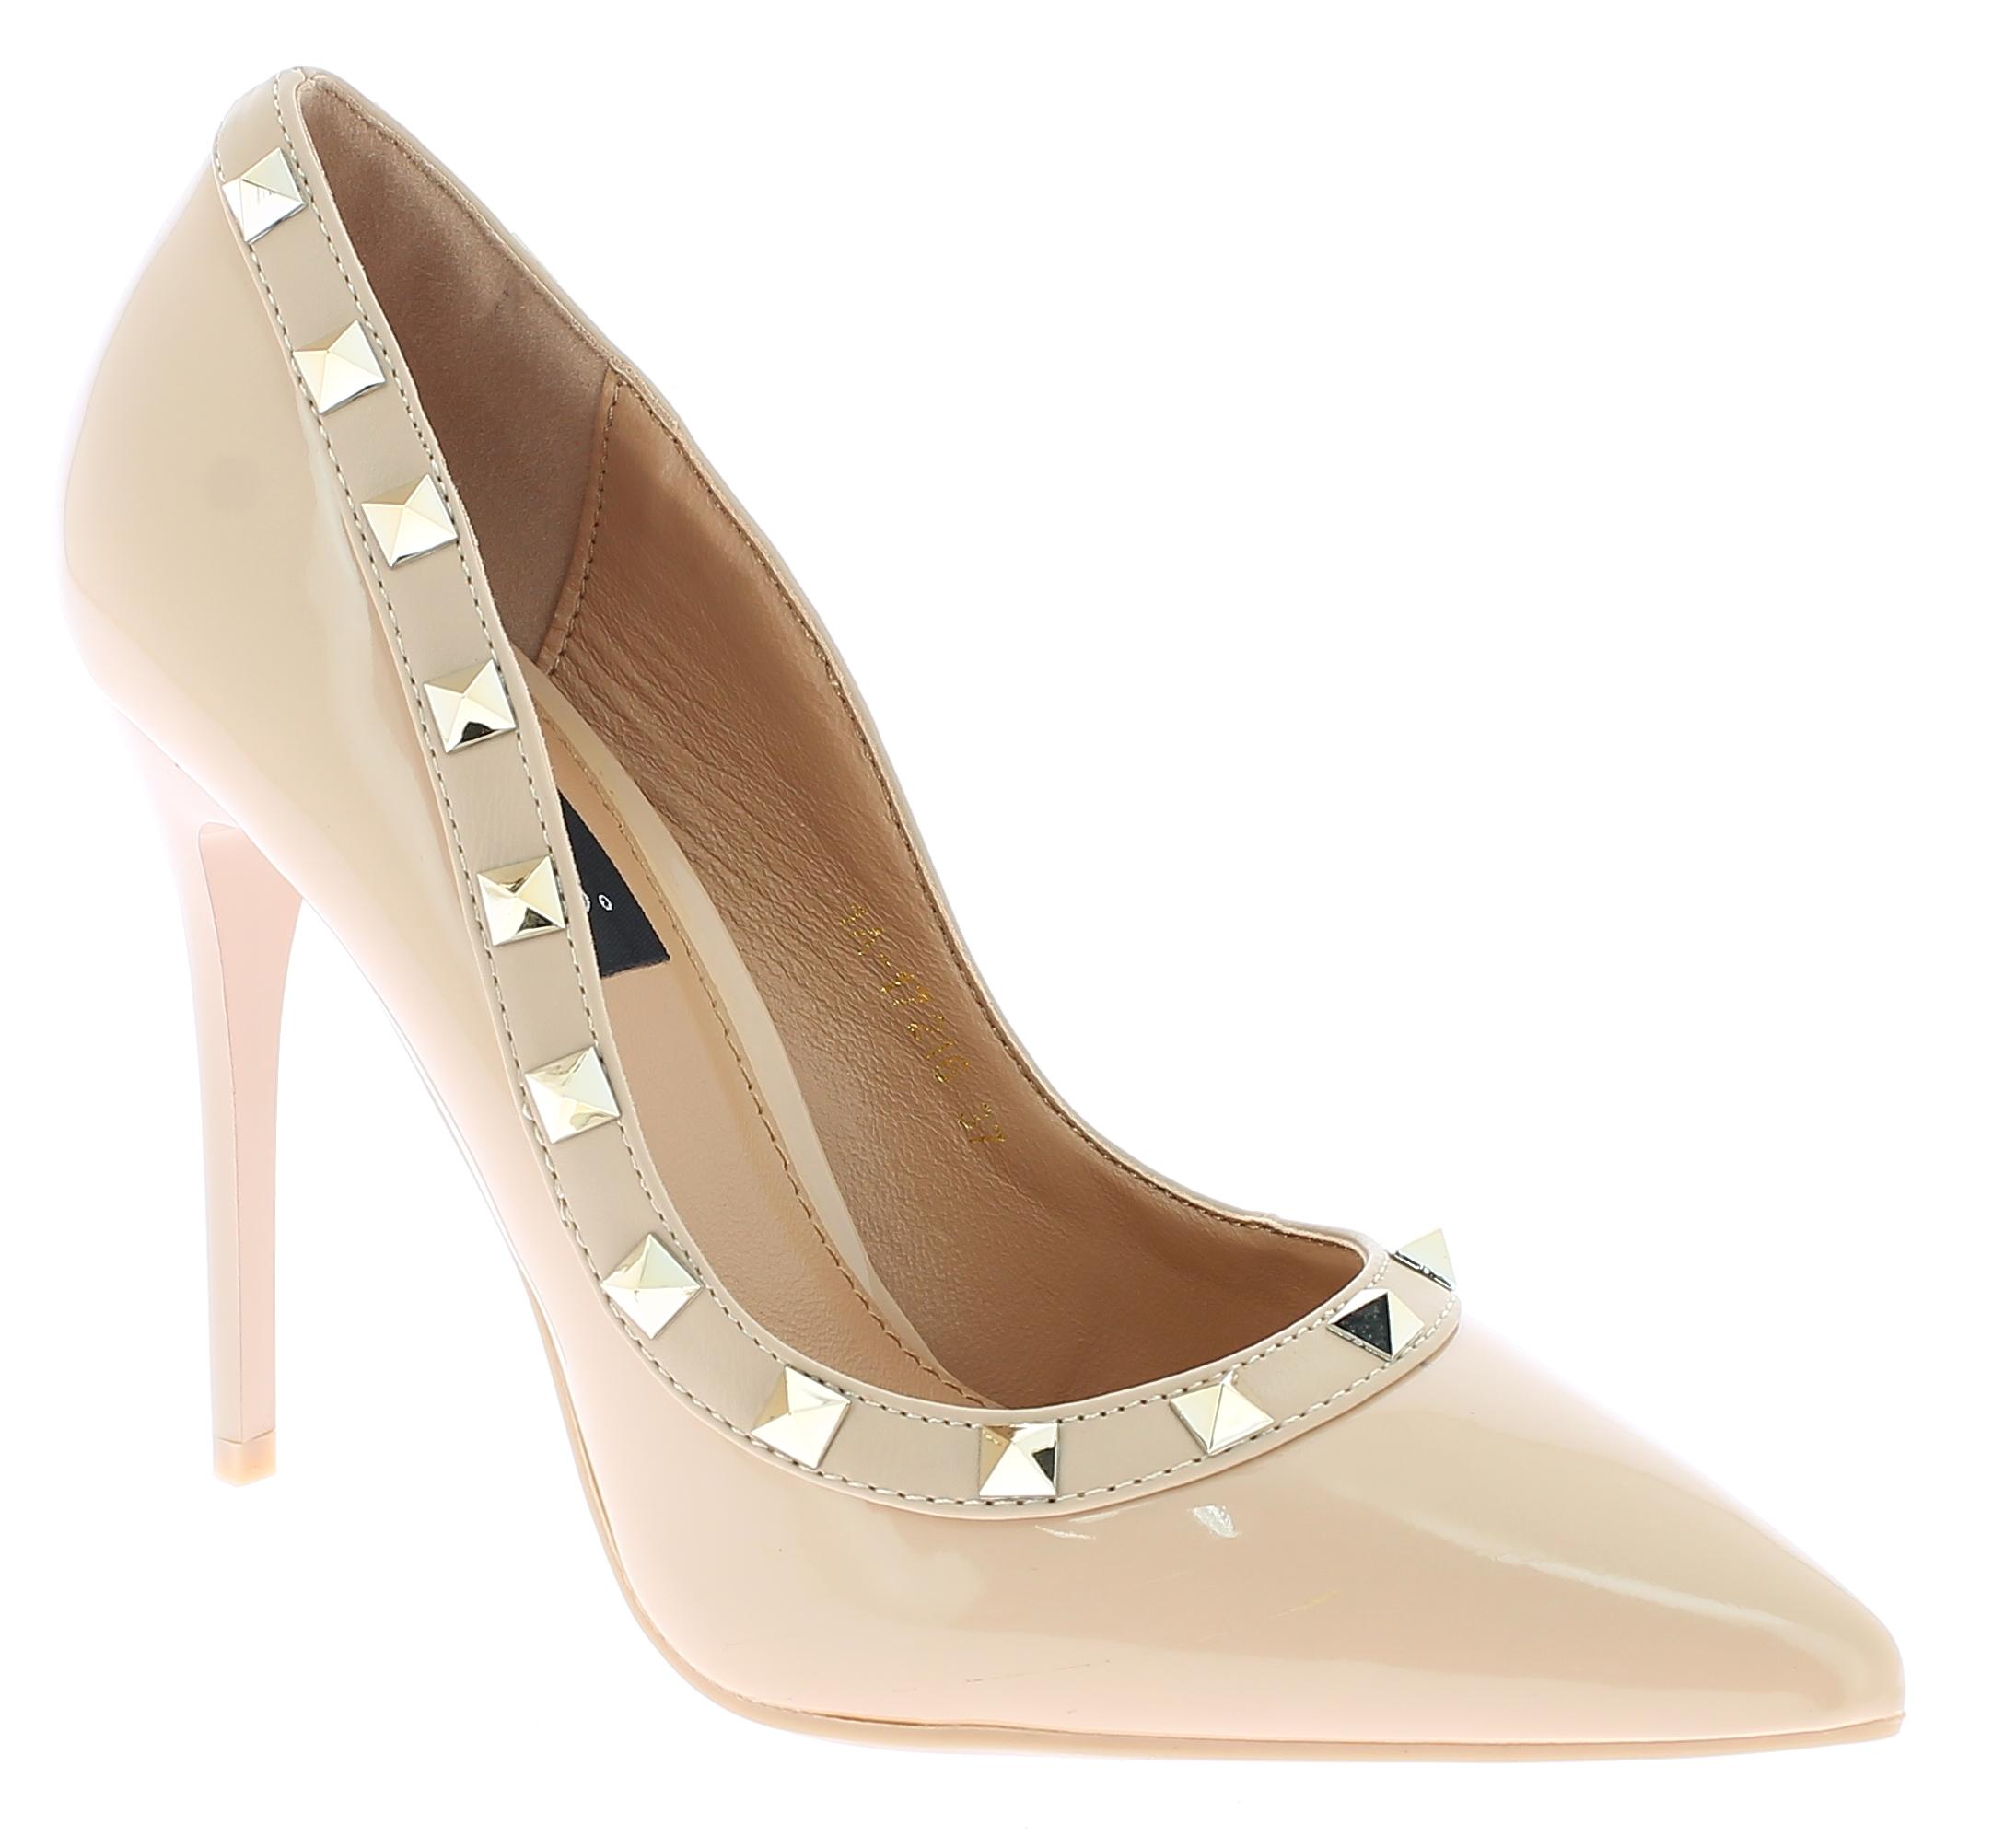 IQSHOES Γυναικεία Γόβα 1A17126 Ρόζ - IqShoes - 1A-17126 PINK-pink-37/1/11/27 παπούτσια  γόβες